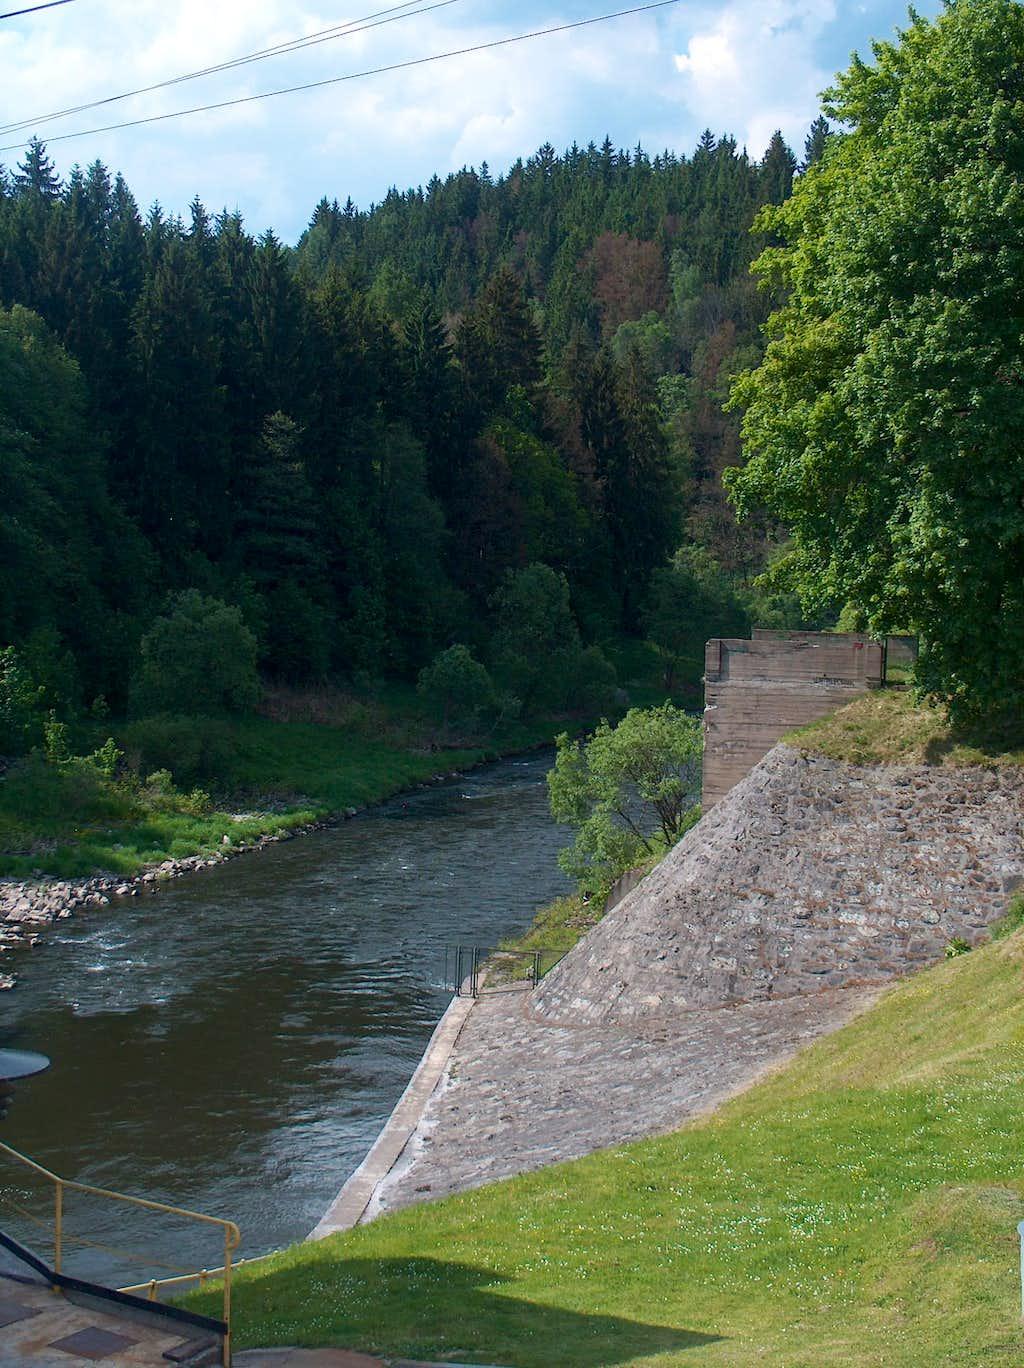 Near Stanek, below the dam